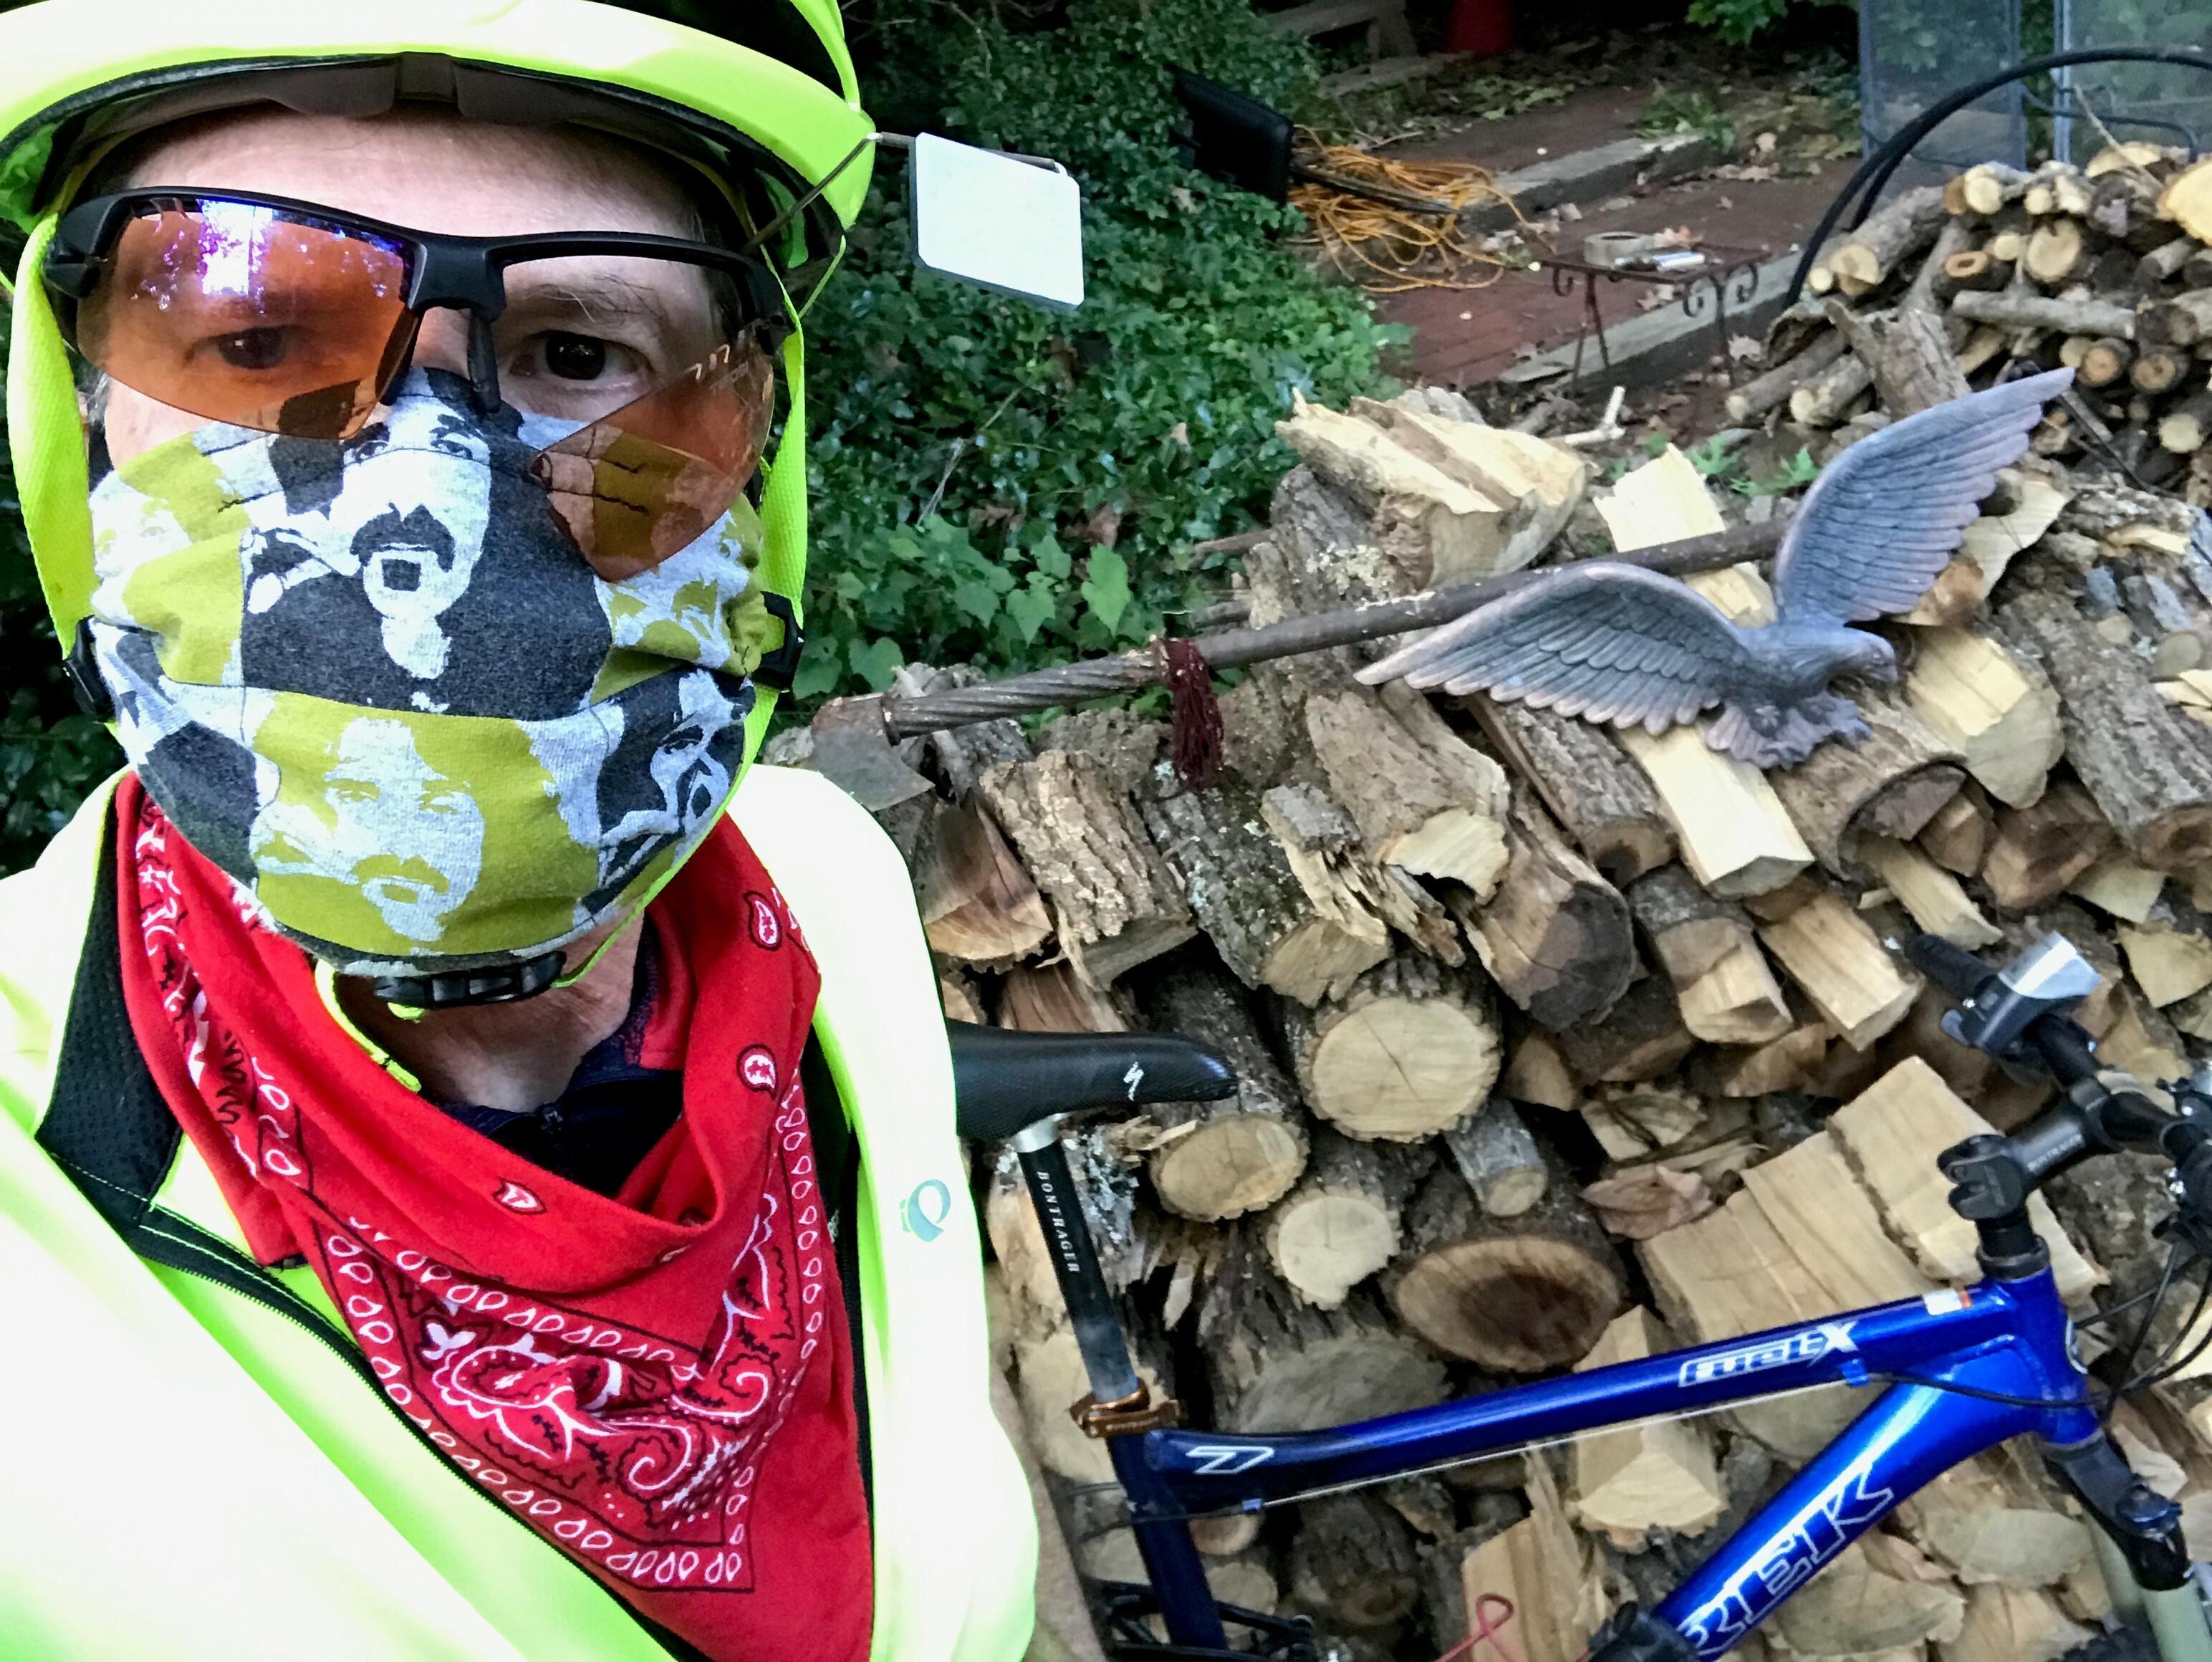 Masked Rider 4